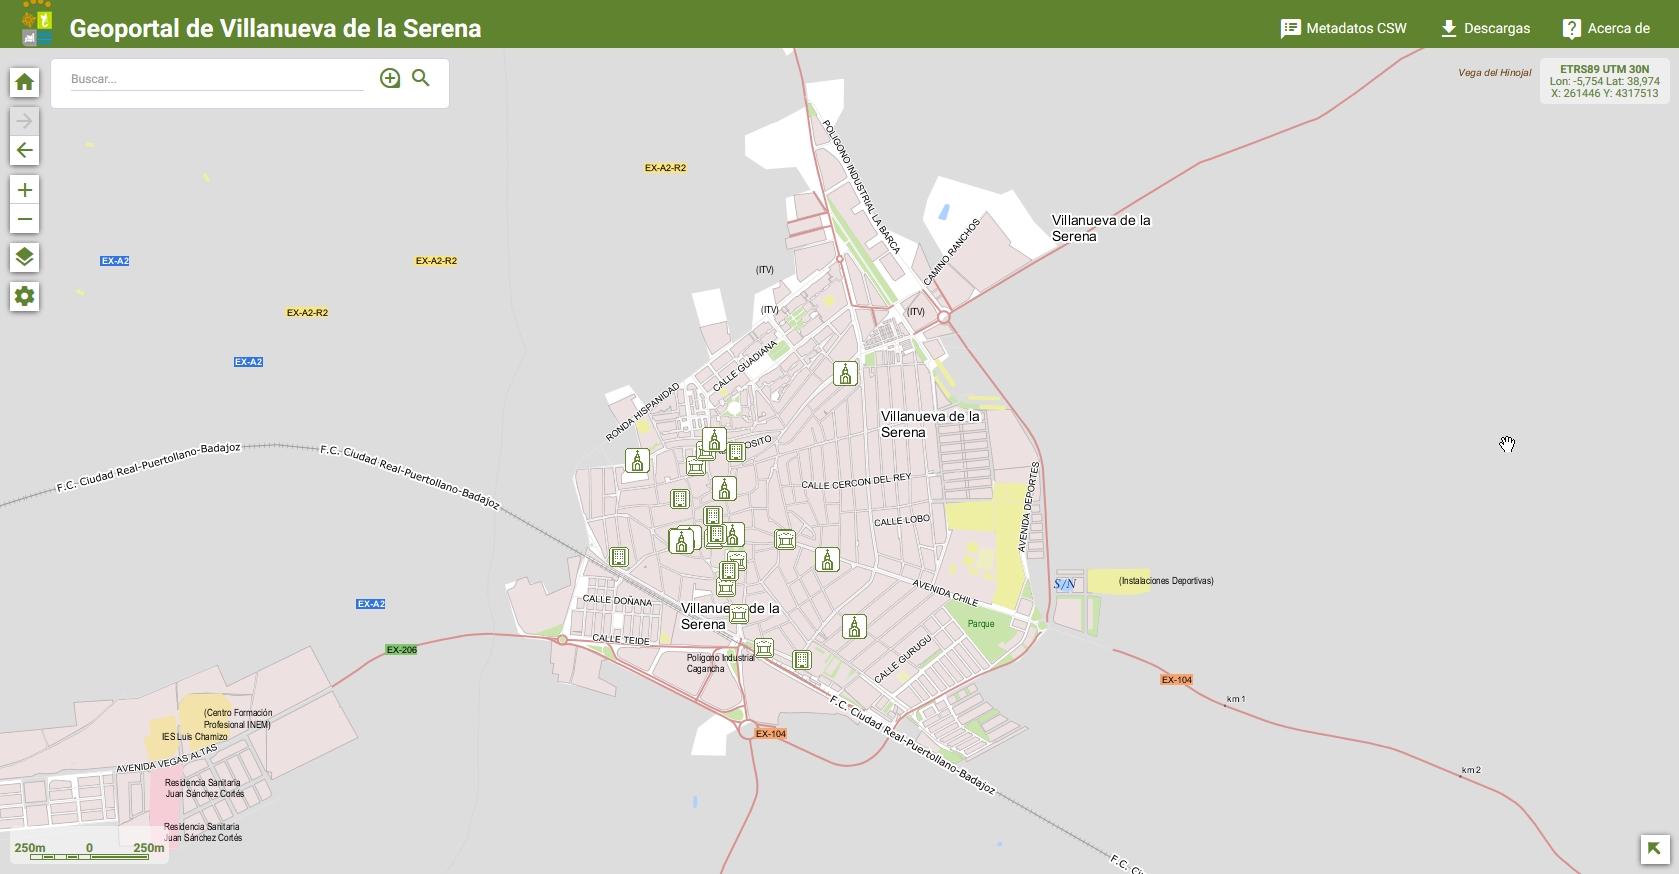 Turismo - Mapa Patrimonial